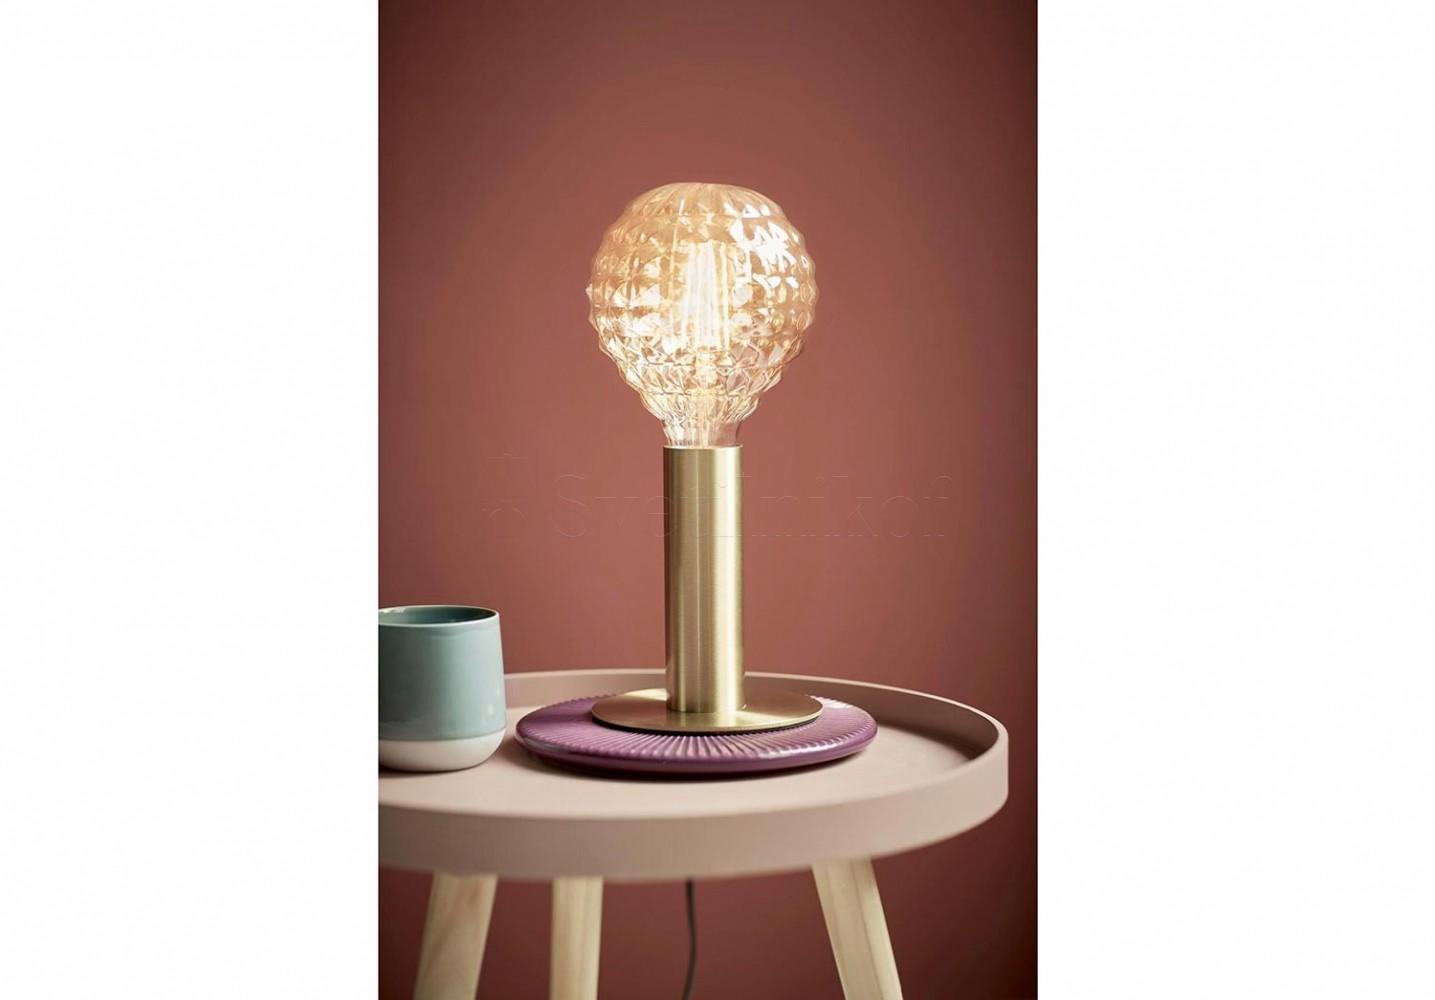 Настольная лампа Nordlux Dean 46605025 - 1